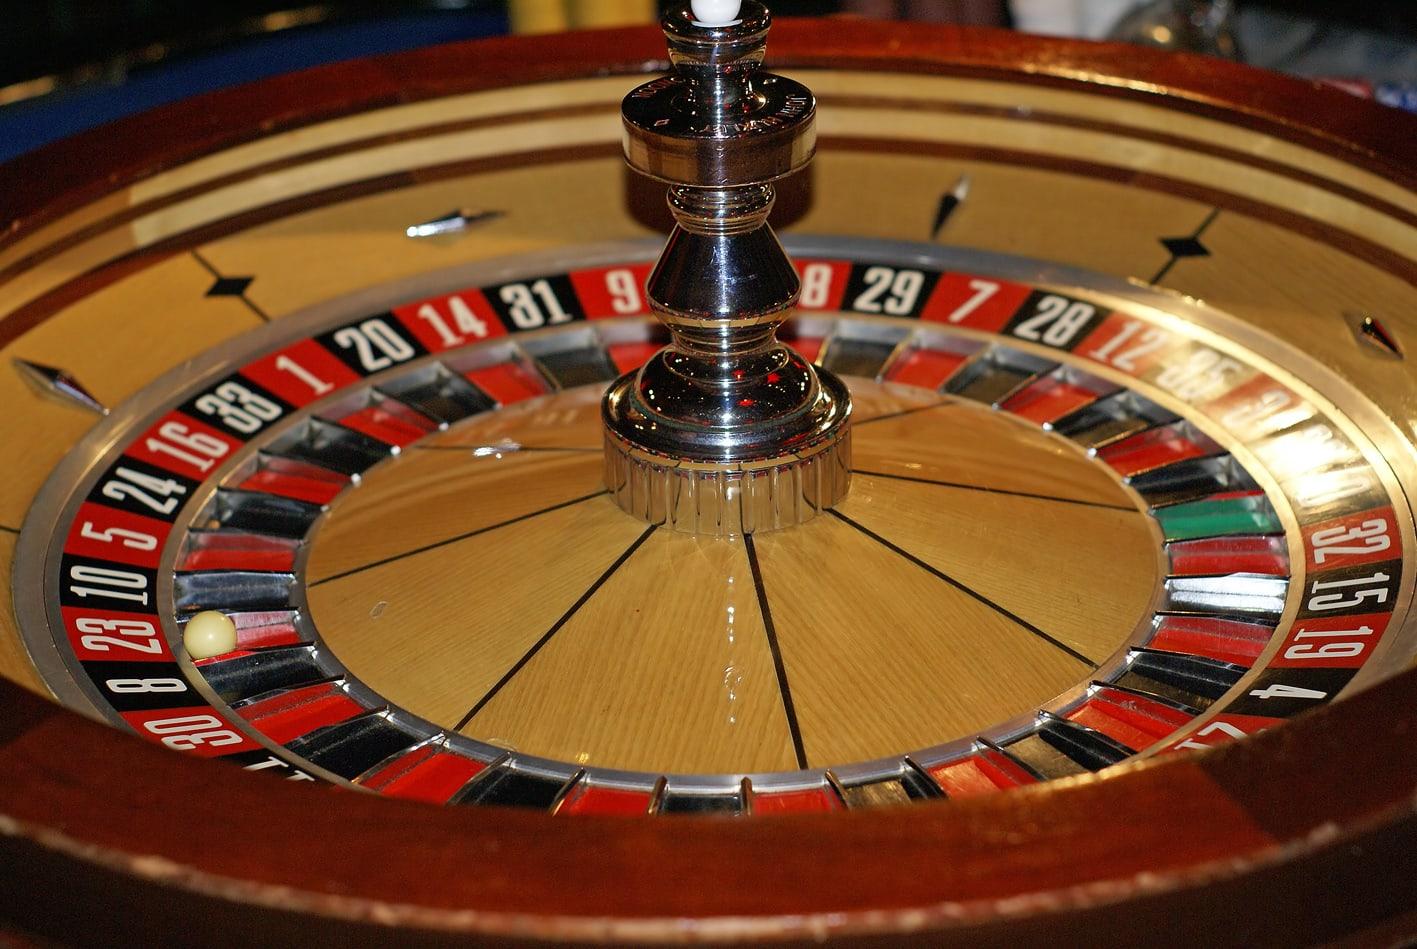 Blackjack plus 3